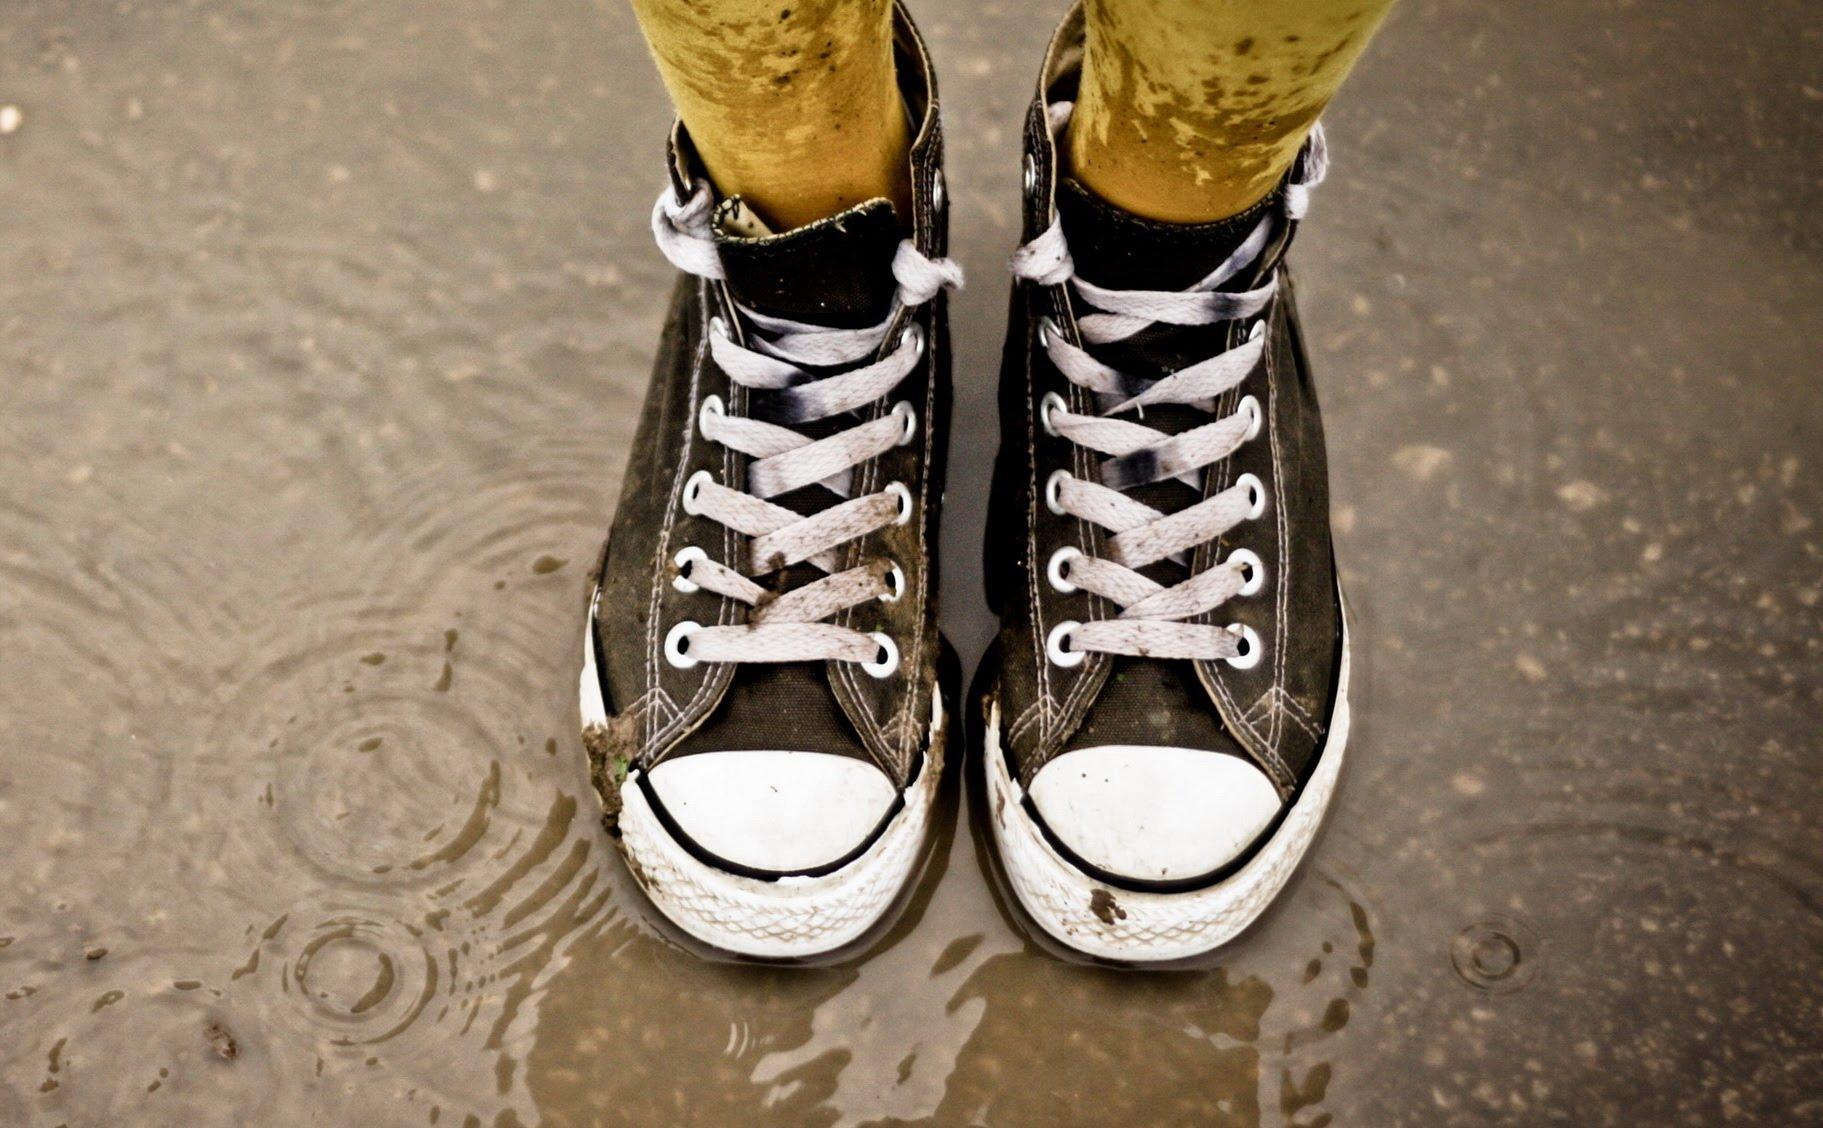 Как быстро высушить кроссовки, кеды и обувь изнутри после стирки в домашних условиях: просушить ботинки феном и можно ли оставлять на ночь сушилку